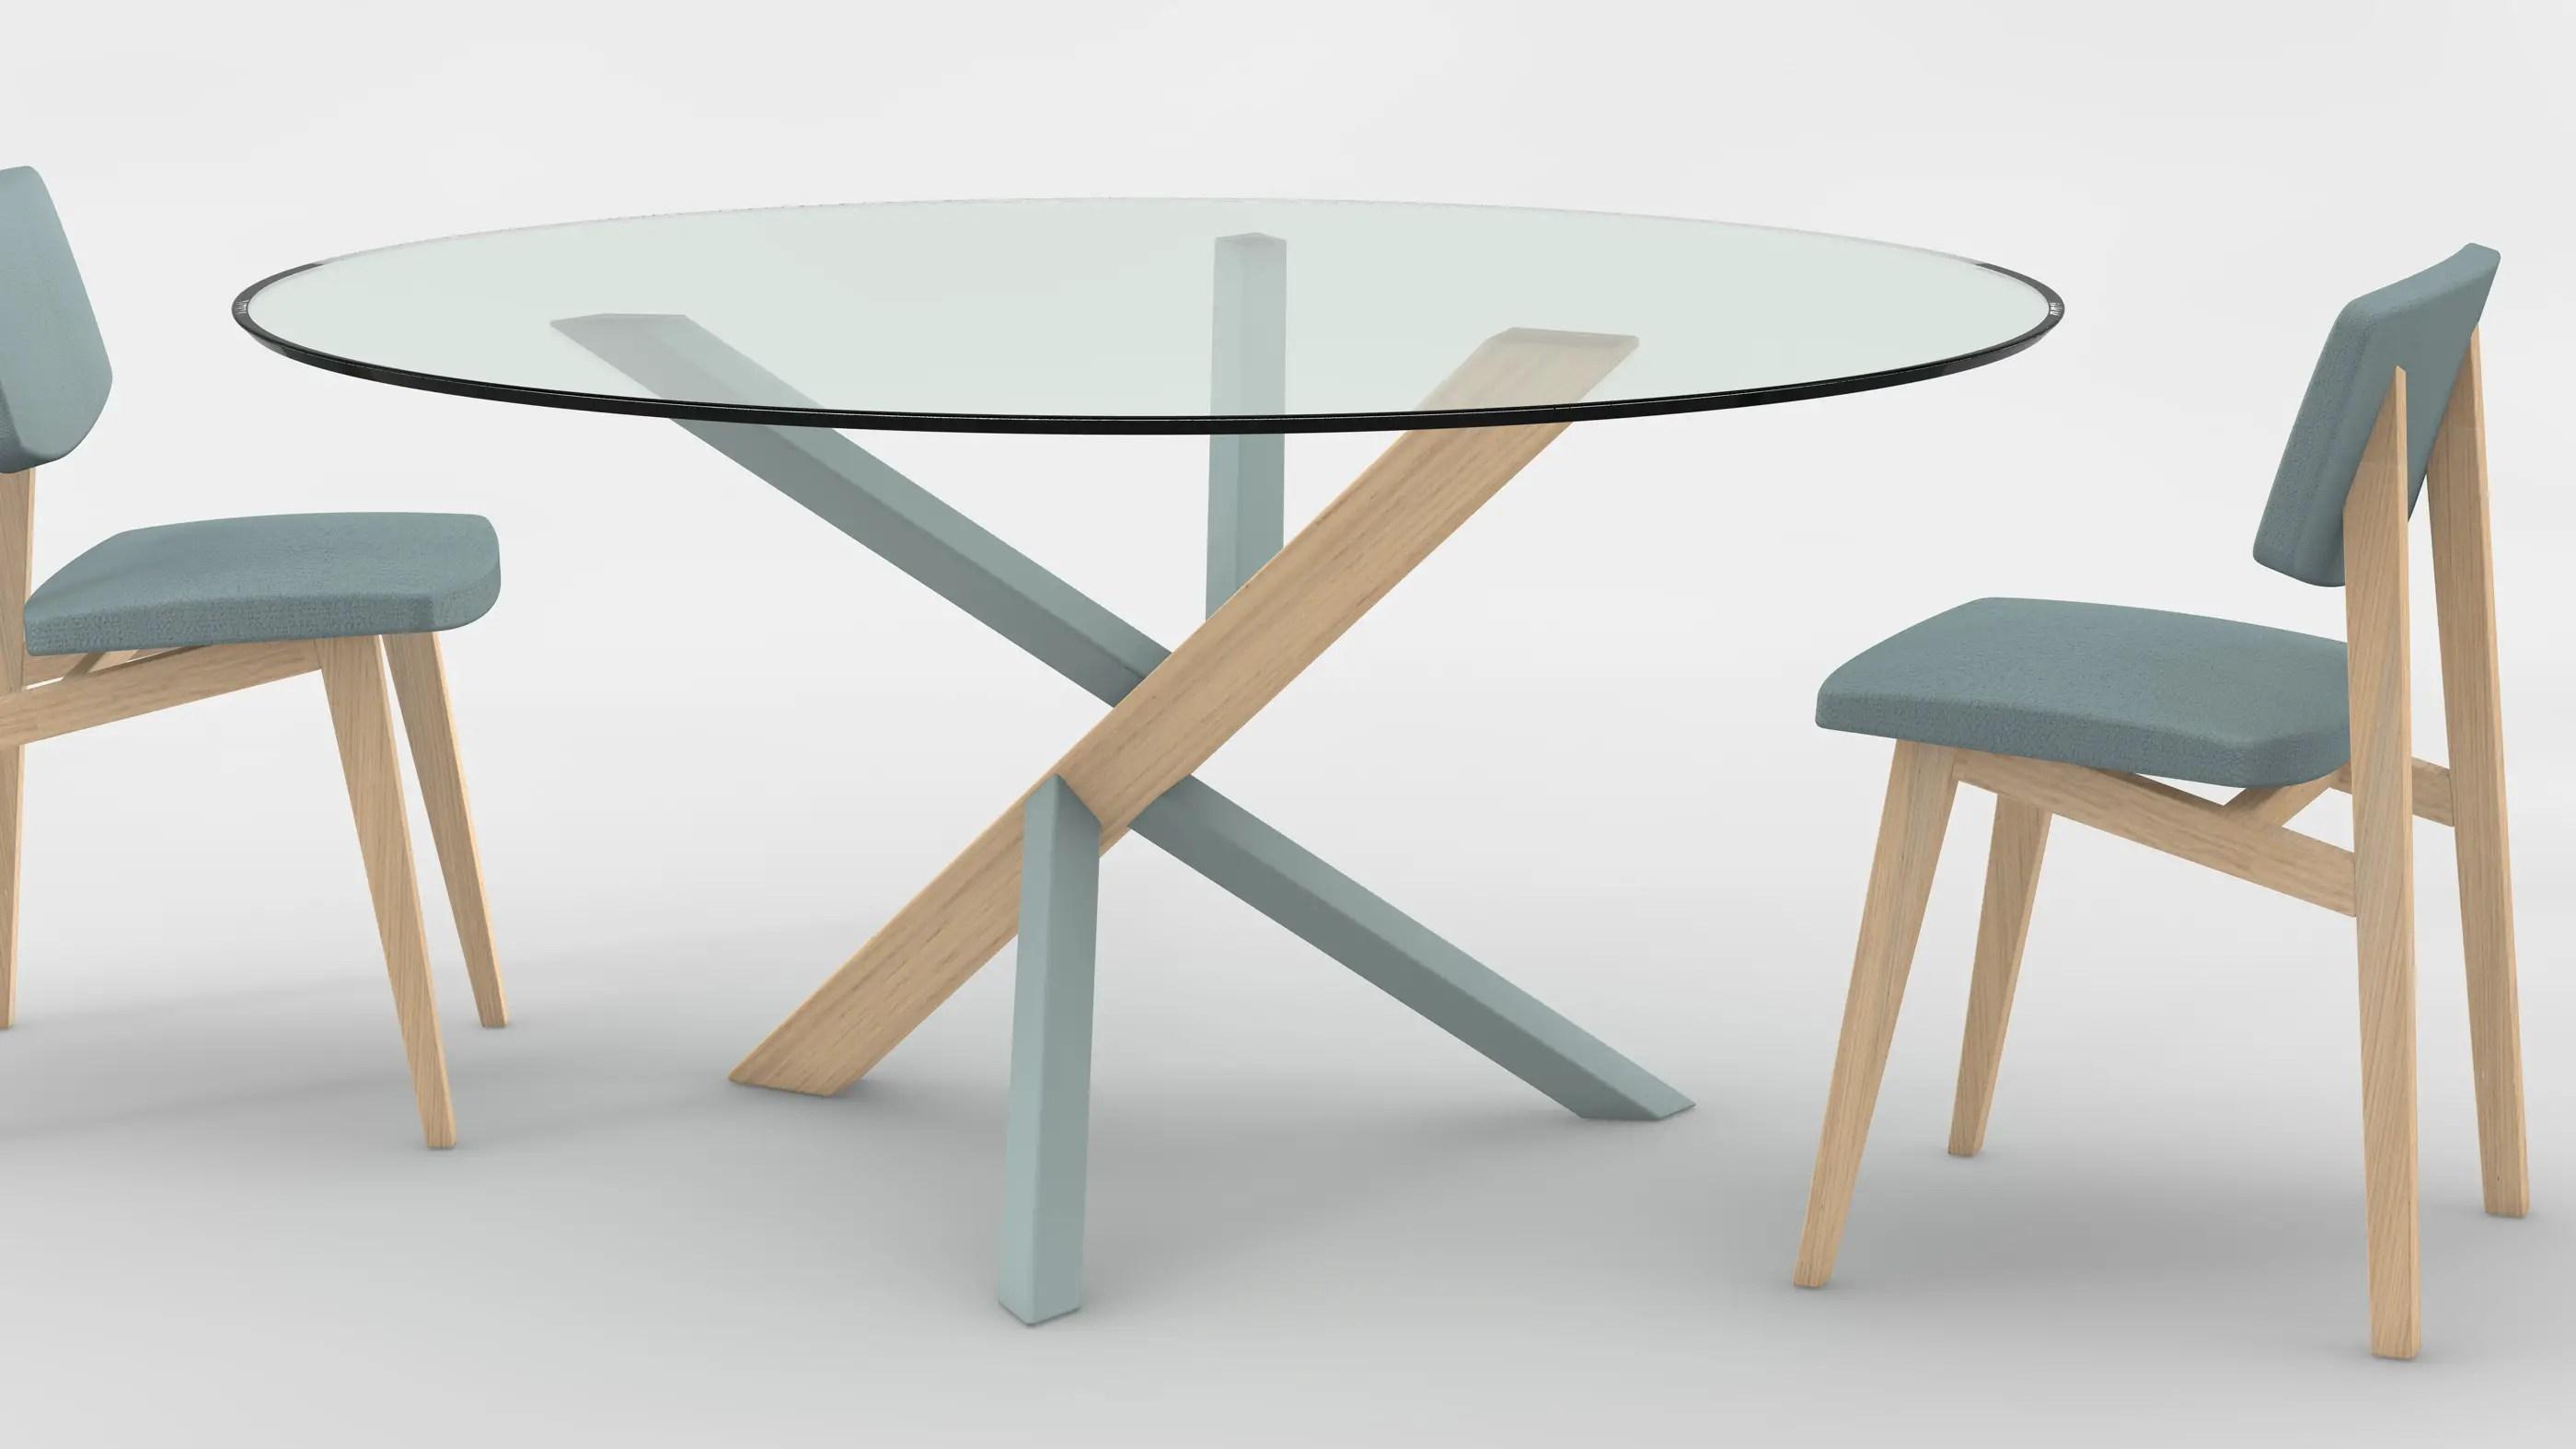 Meubles Et Dco La Tendance Des Tables Rondes En Verre